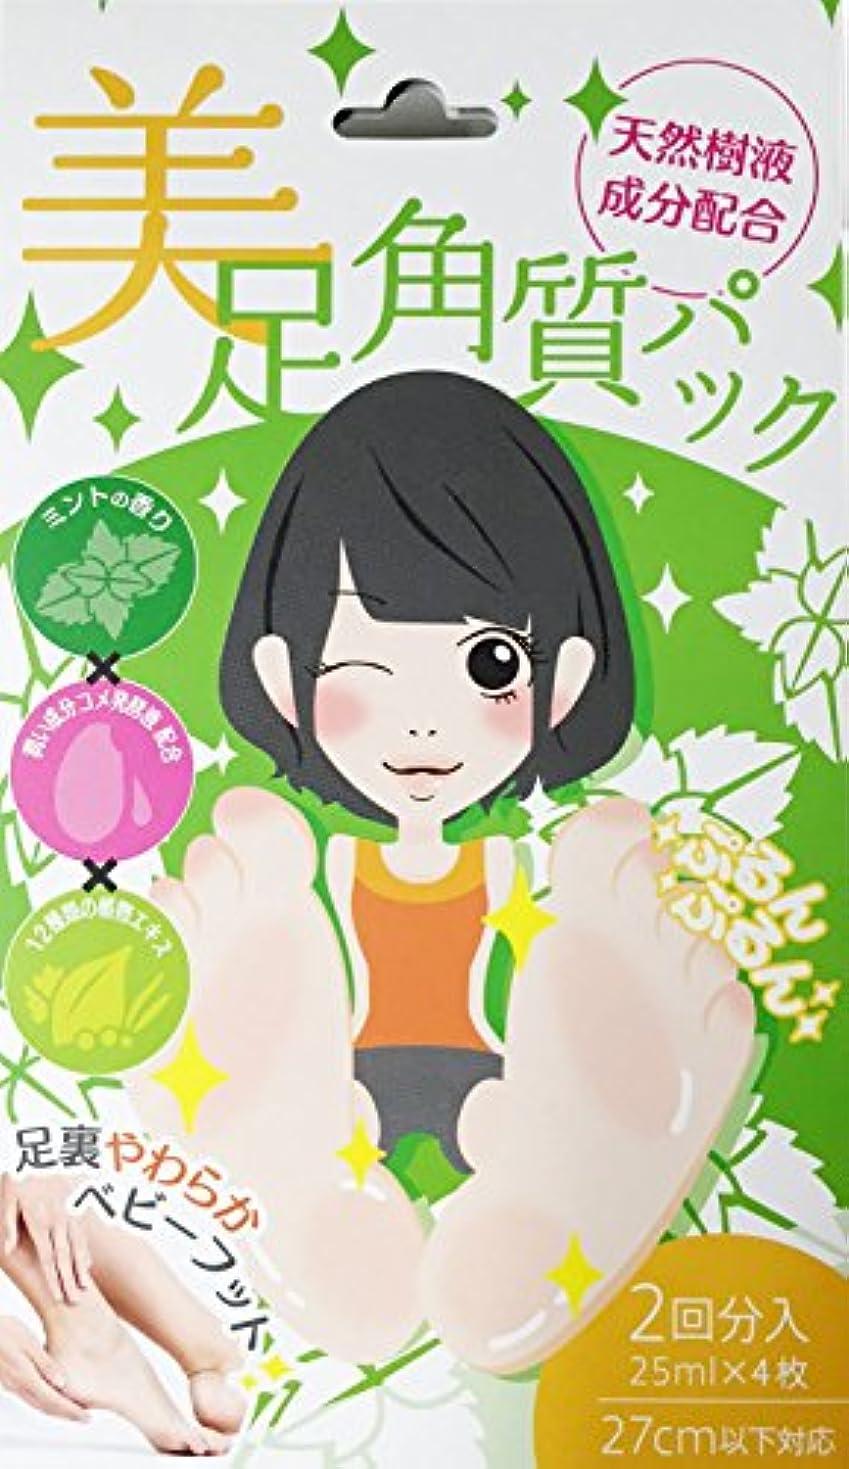 ブレイズサーカスレキシコン日本製 美足角質パック 天然樹液成分配合 ミントの香り